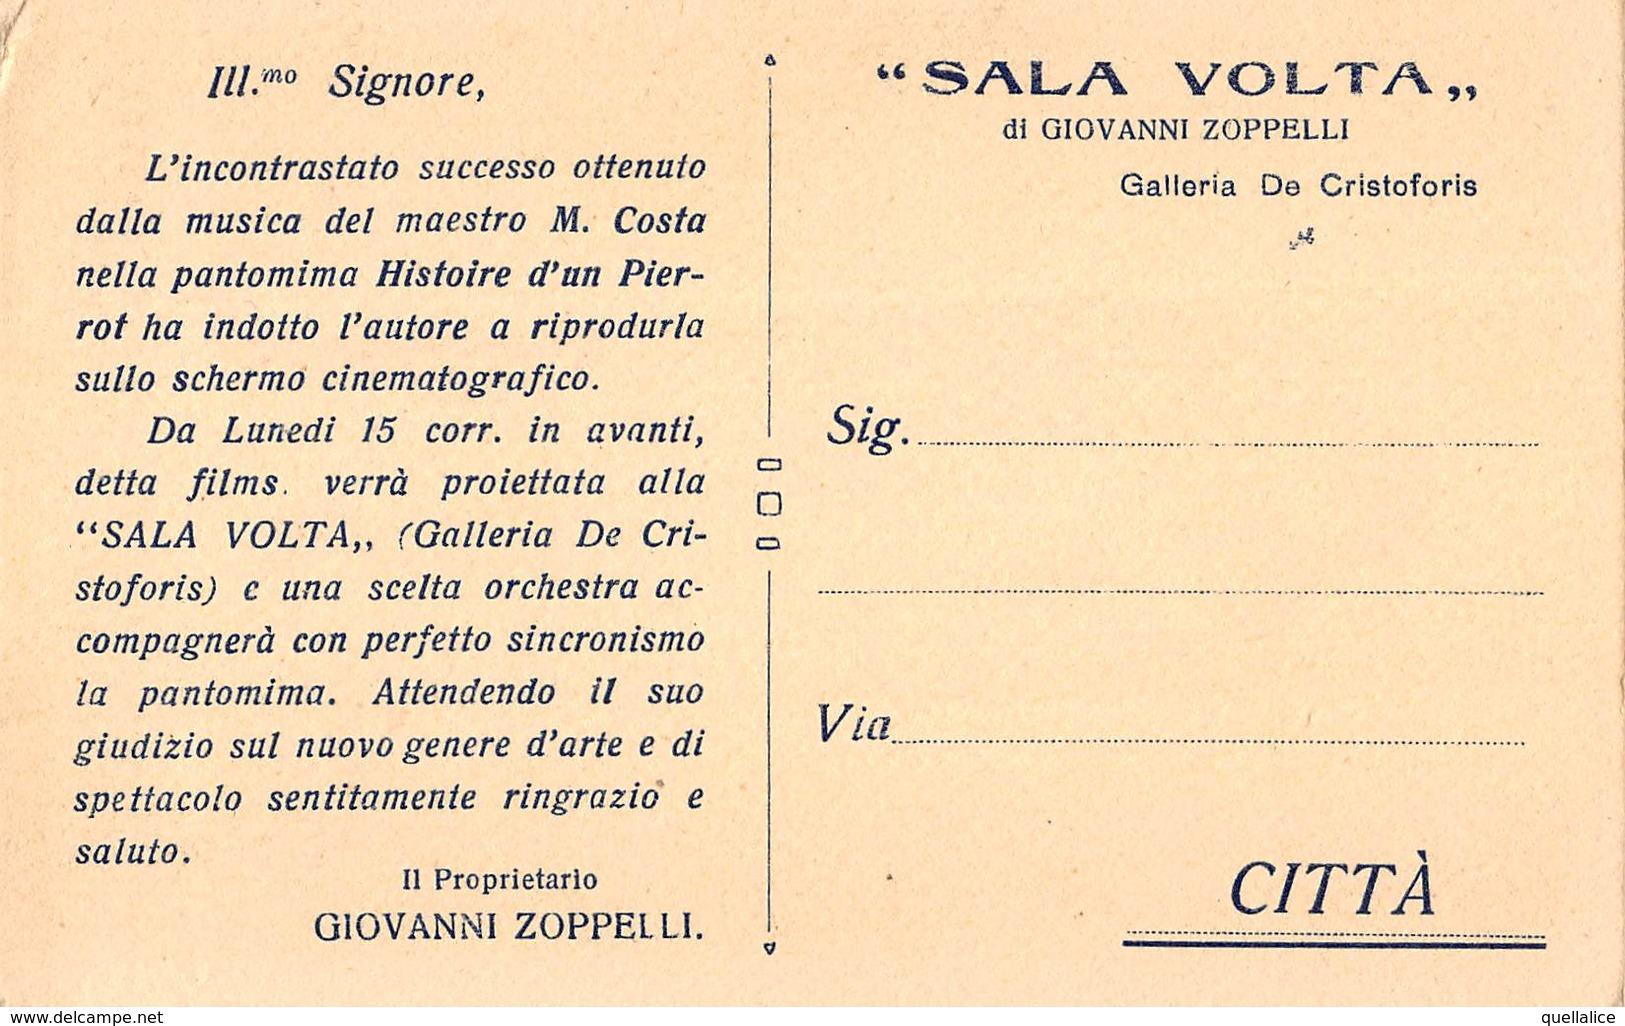 """0897 """"HISTOIRE D'UN PIERROT-A FRANCESCA BERTINI-SALA VOLTA DI GIOVANNI ZOPPELLI-GALLERIA DE CRISTOFORIS"""" CART NON SPED - Autres"""